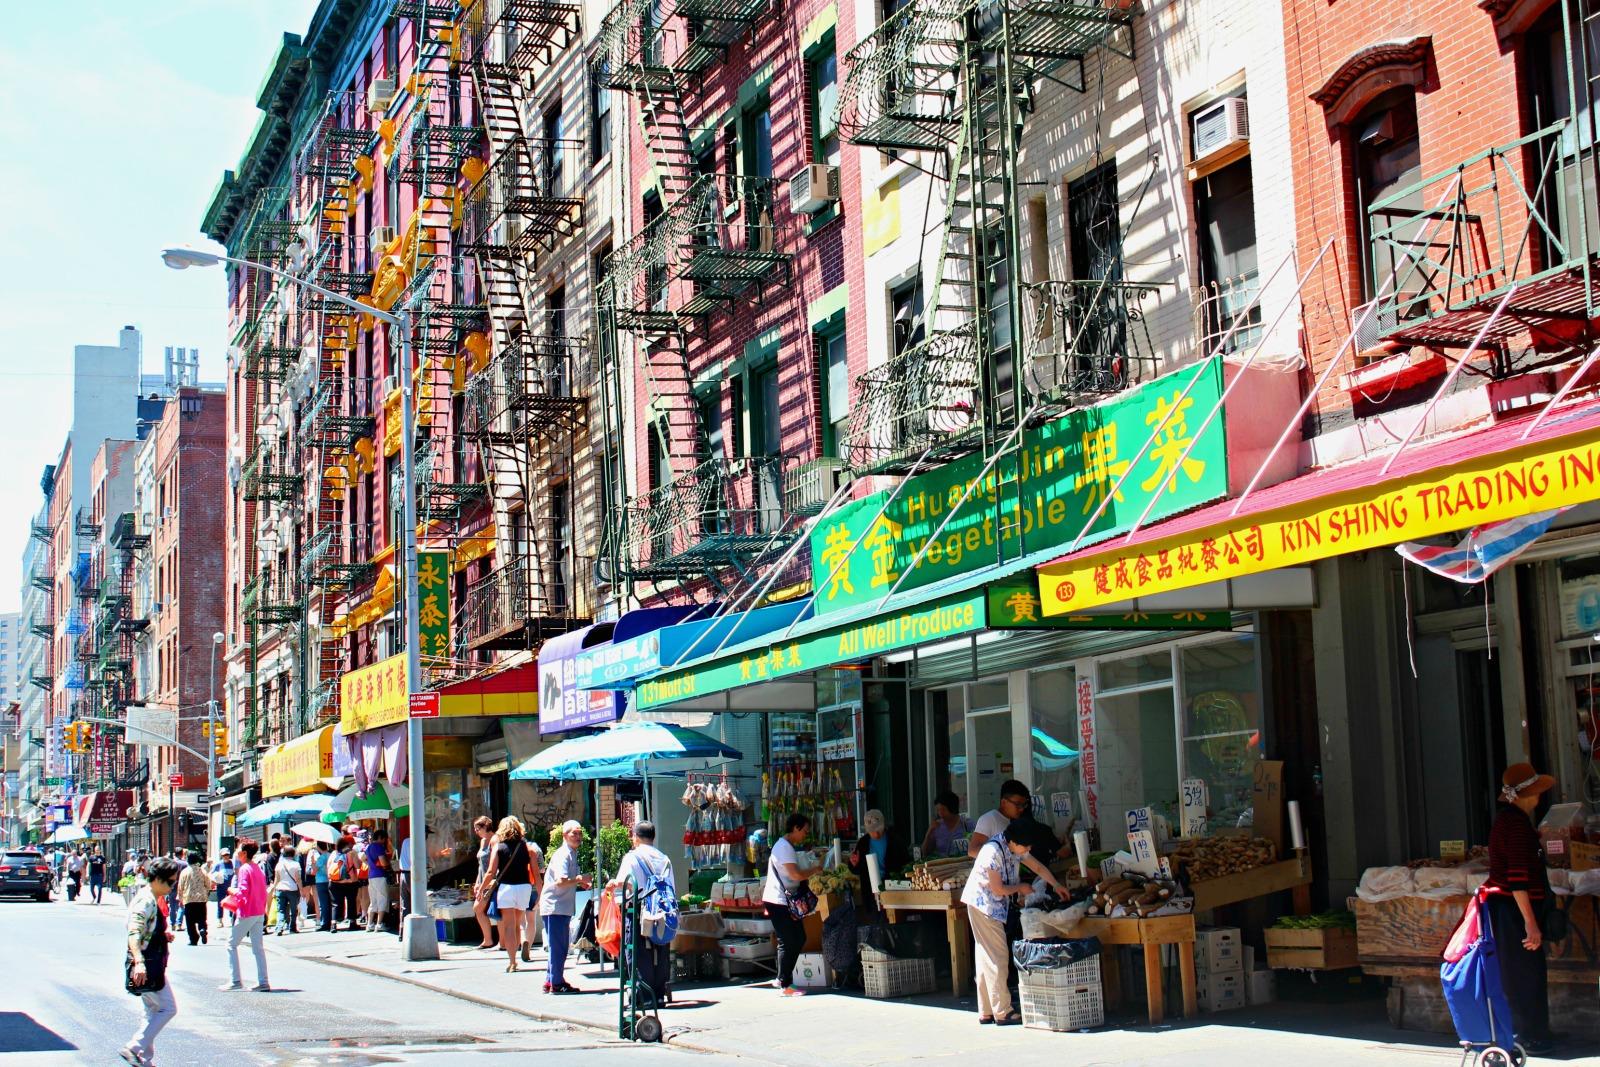 New Yorkin parhaat nähtävyydet on helppo kiertää opastetulla kierroksella